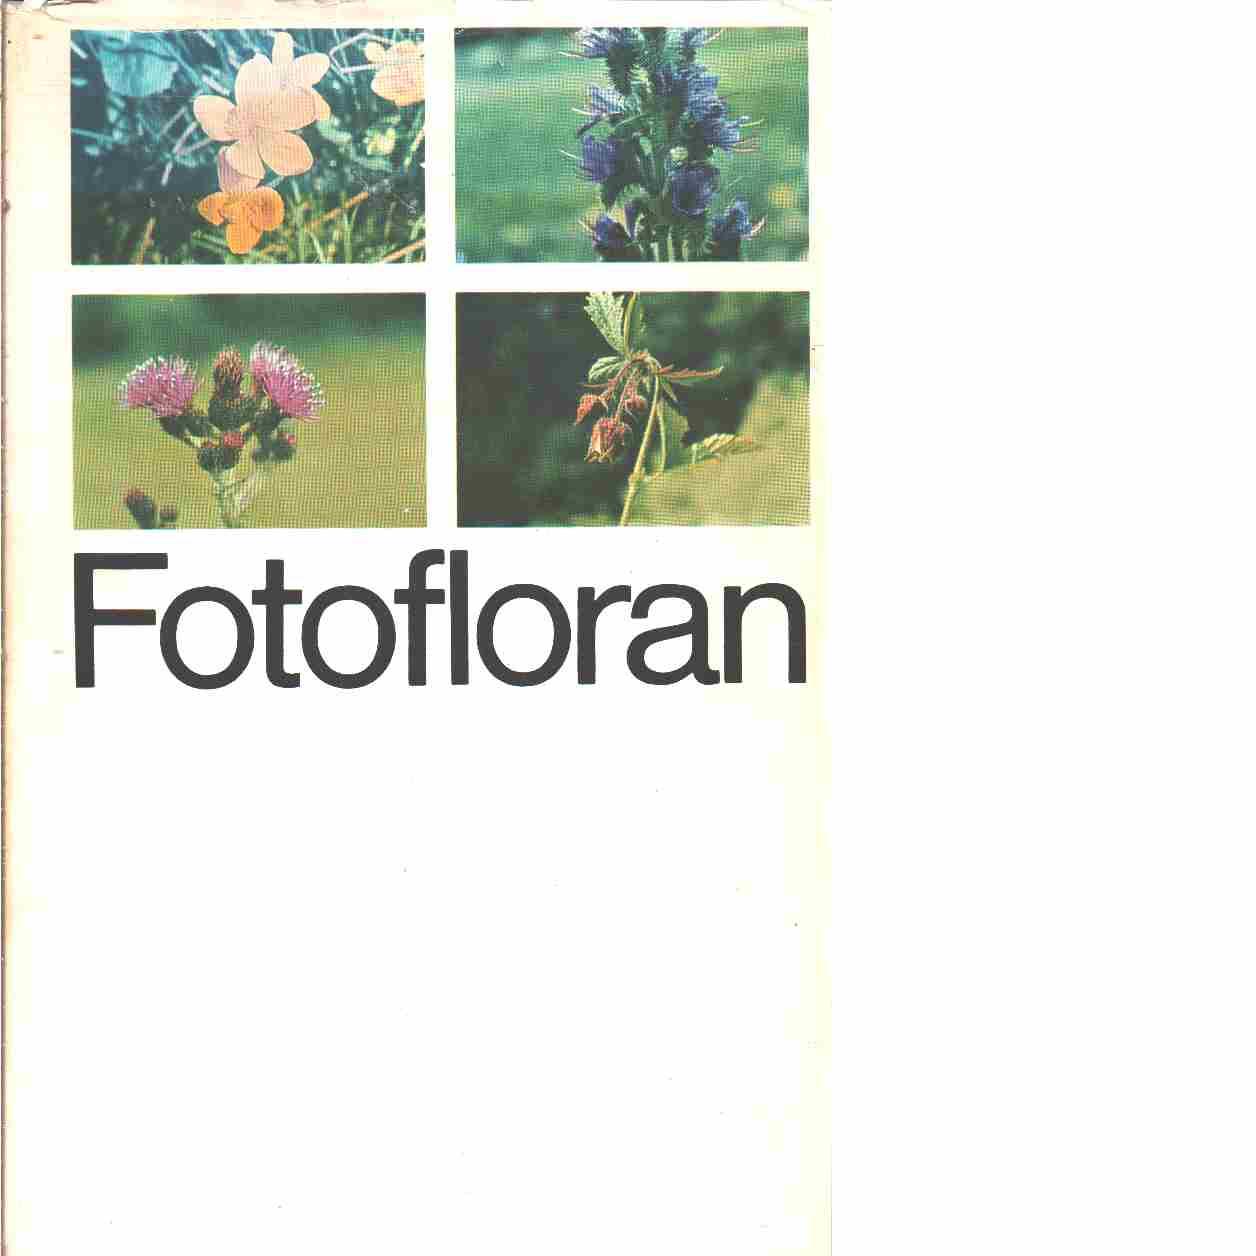 Fotofloran / planläggning och organisation - Red. Bolin, Lorentz och Nilsson, Örjan